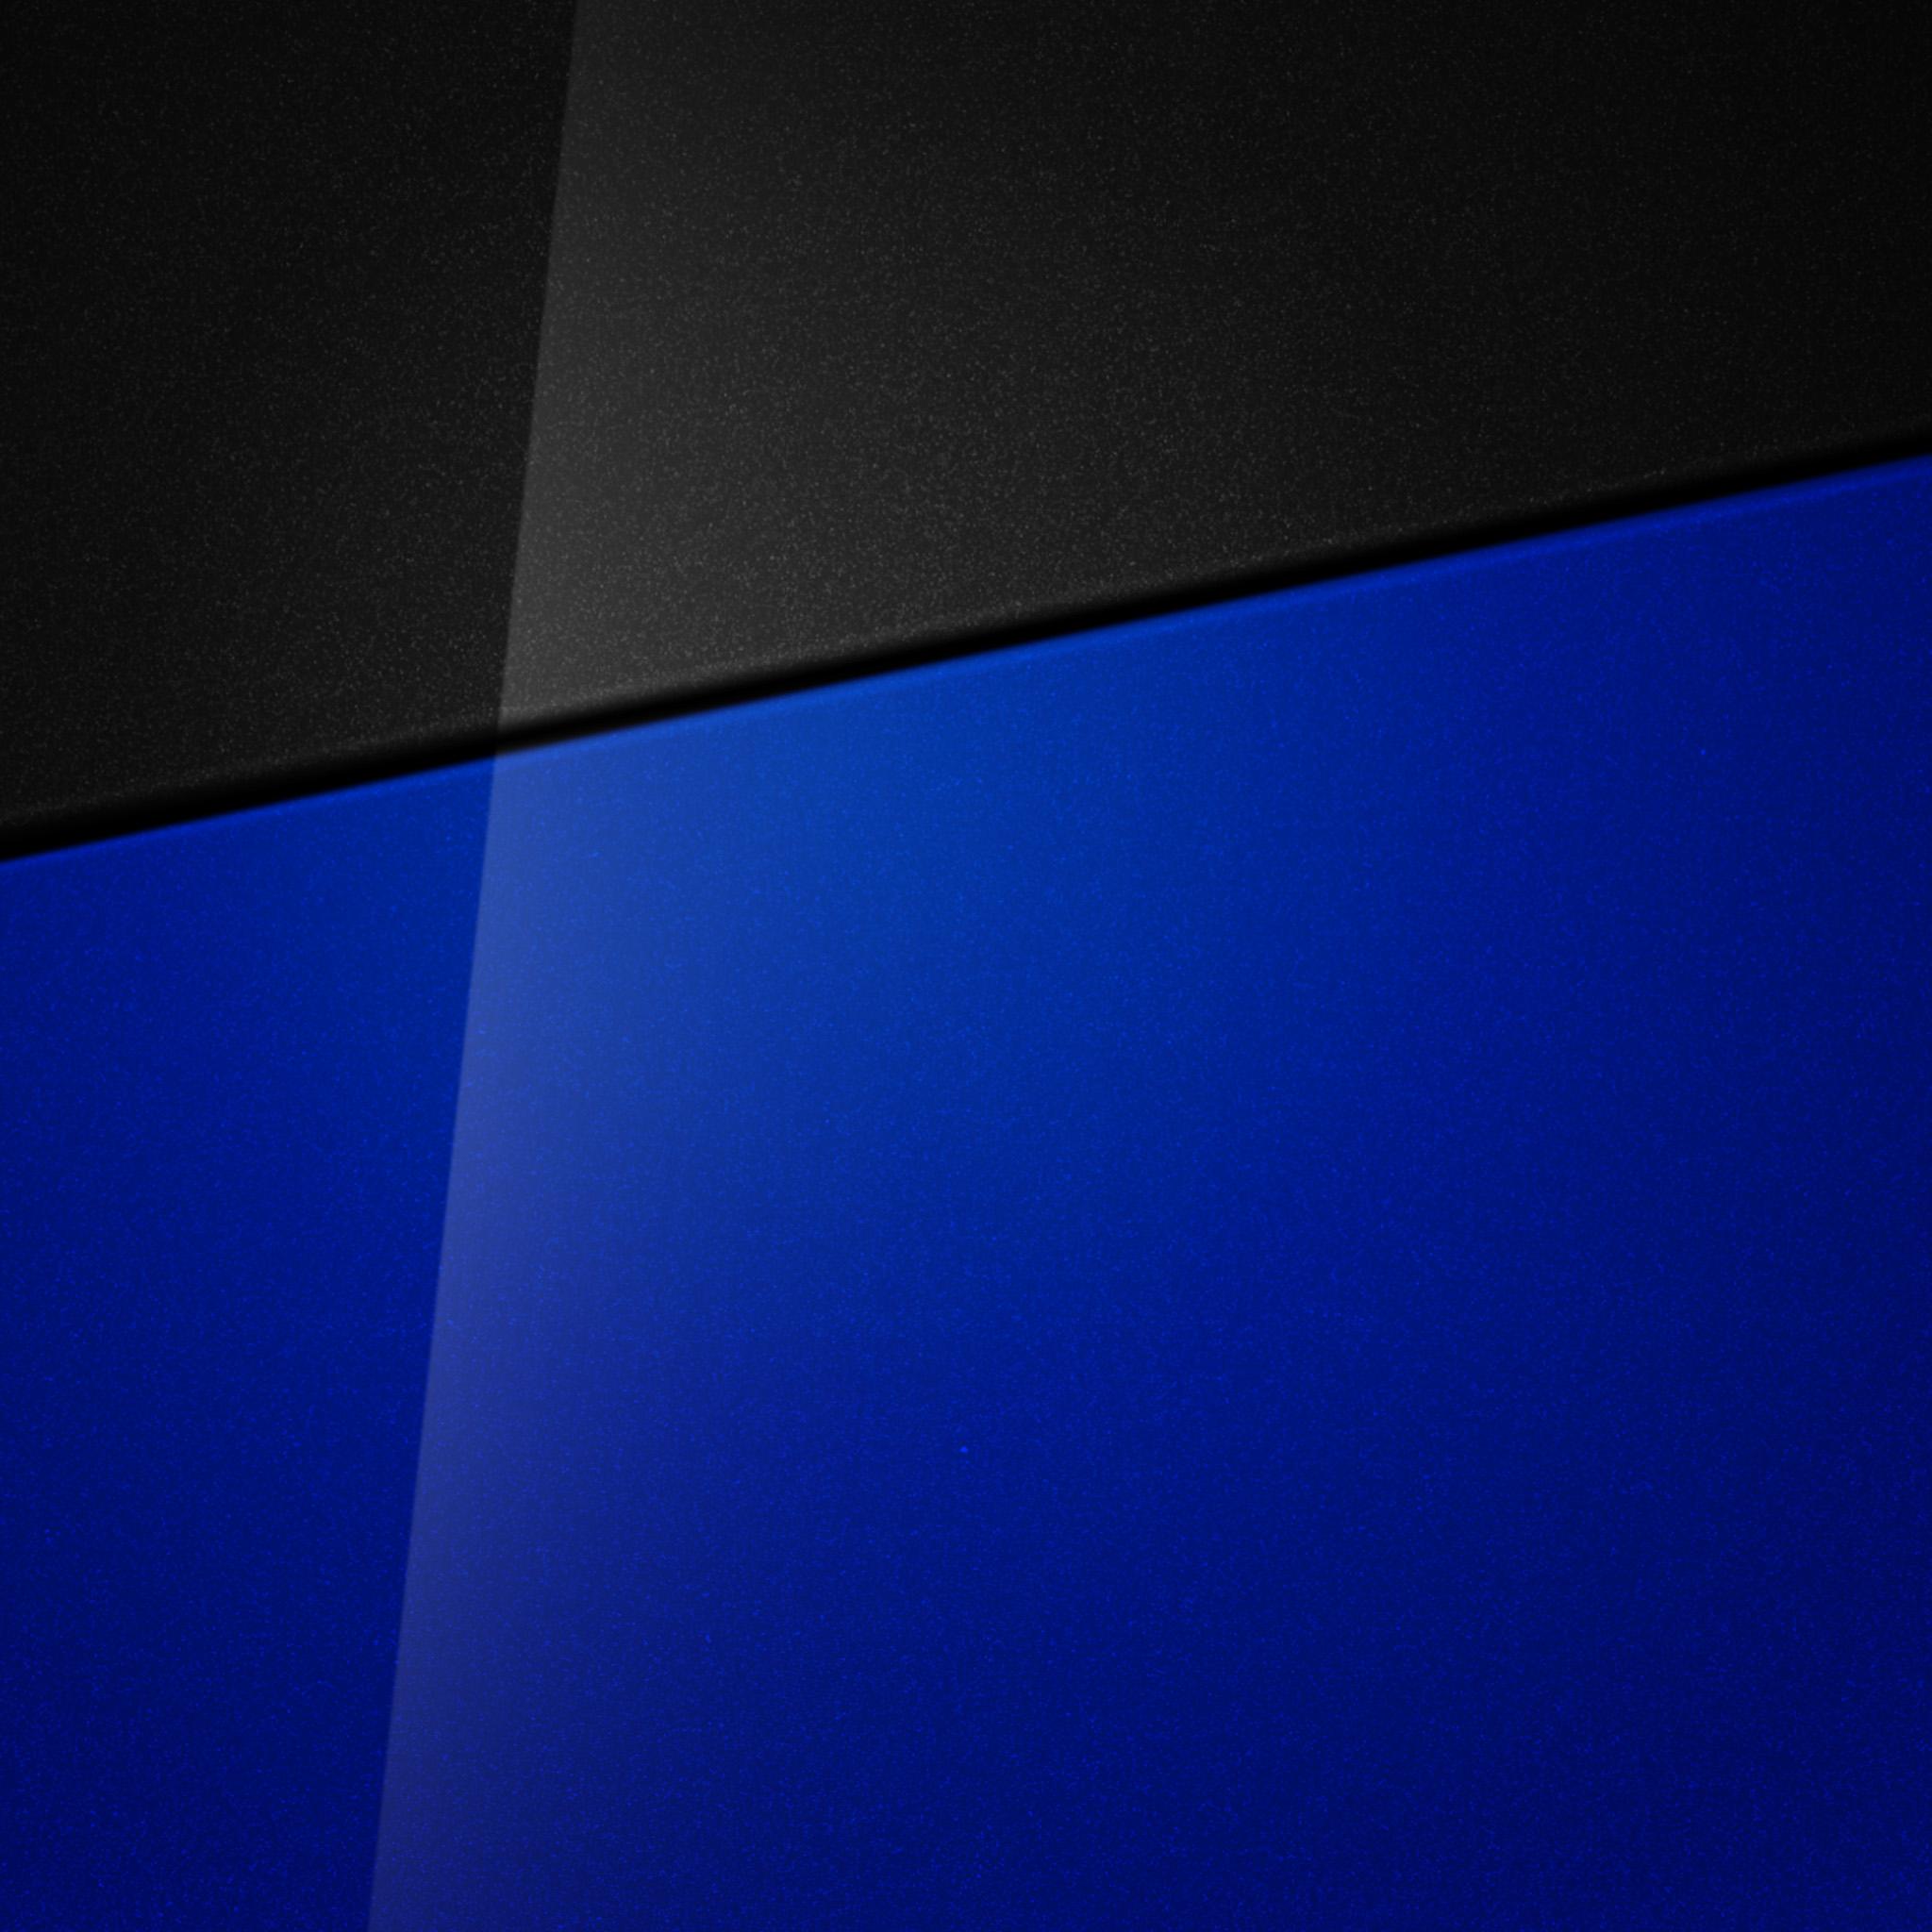 Intense Blue / Schwarz) Bild